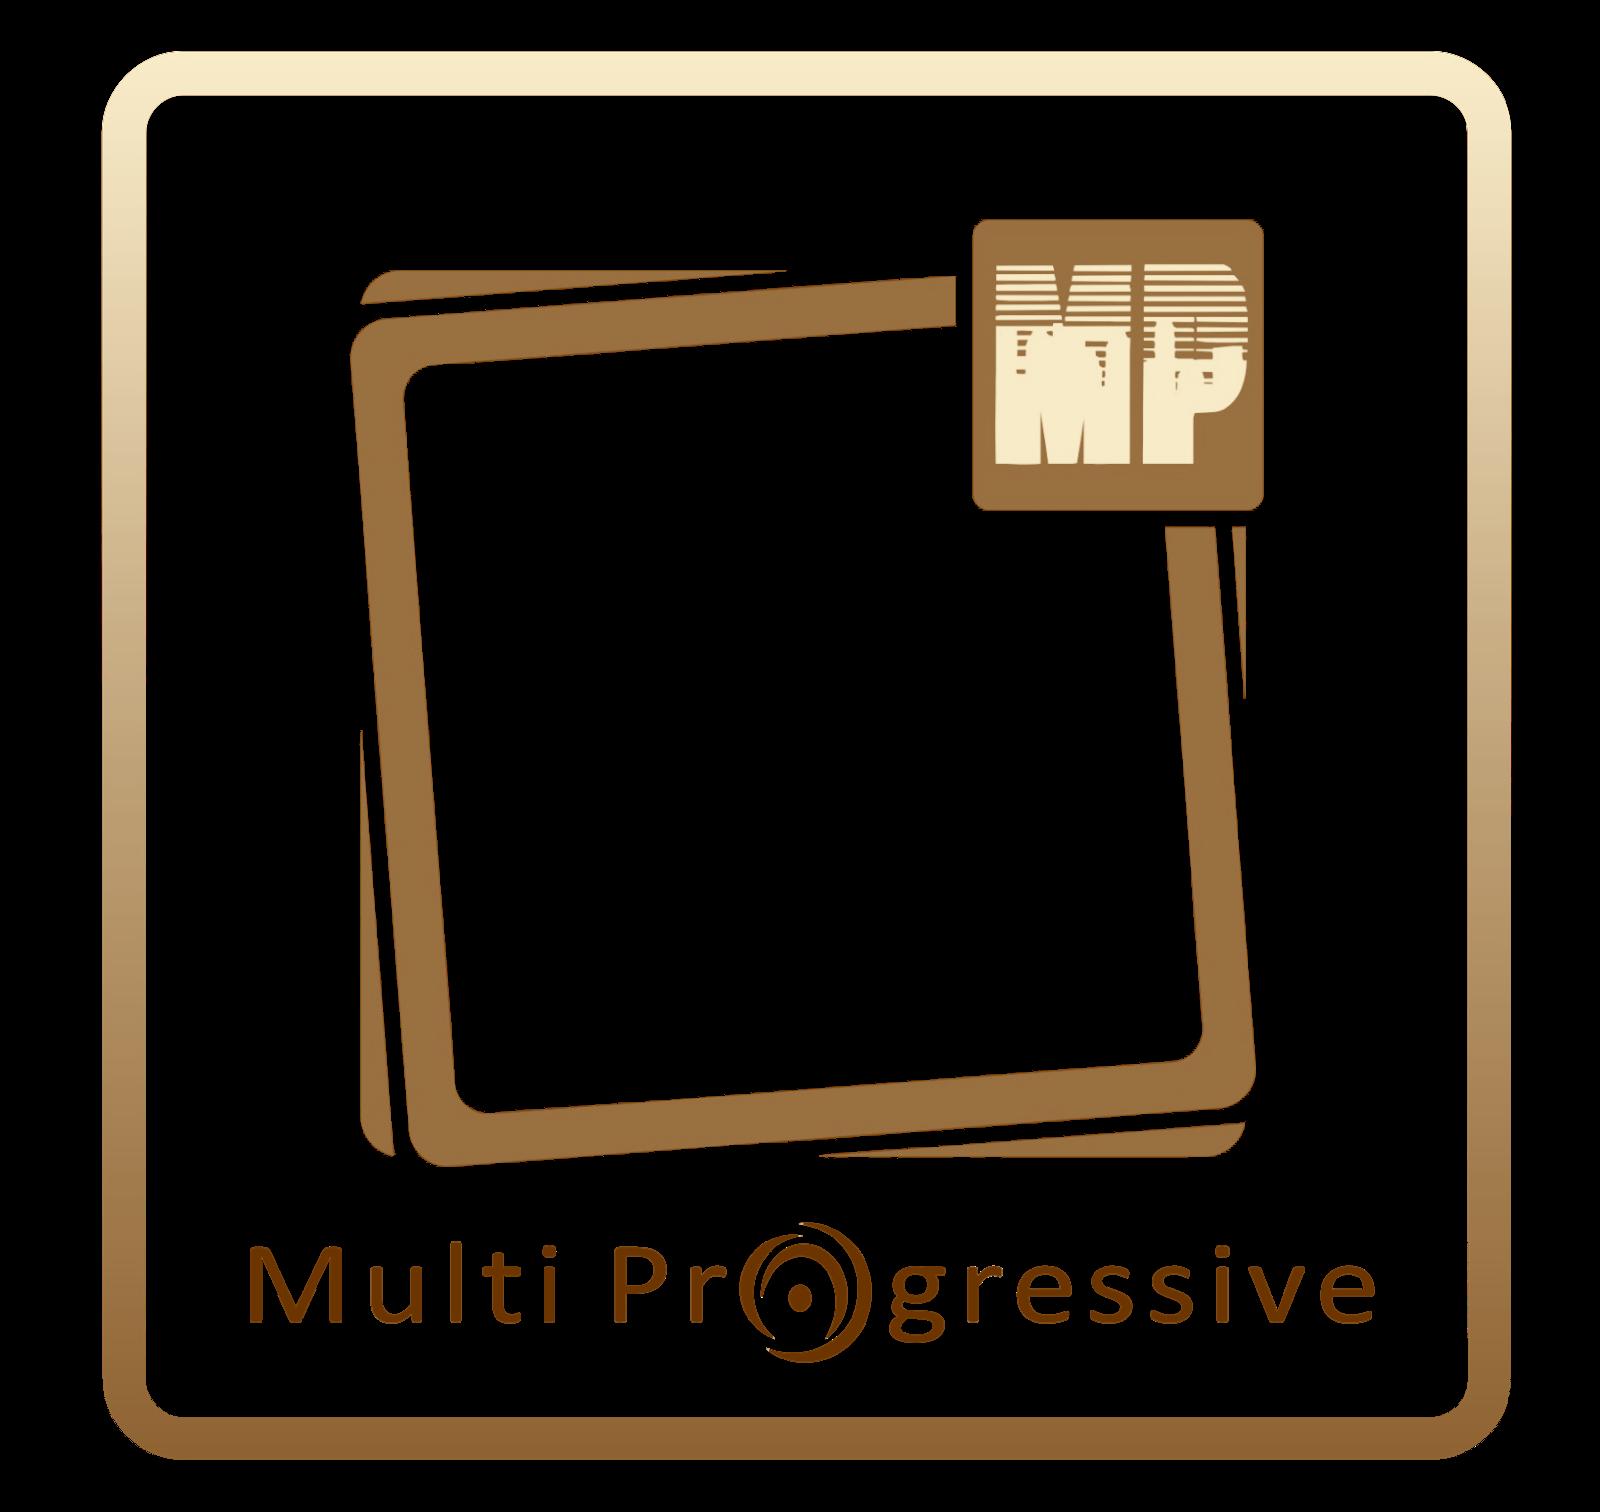 multi progressive